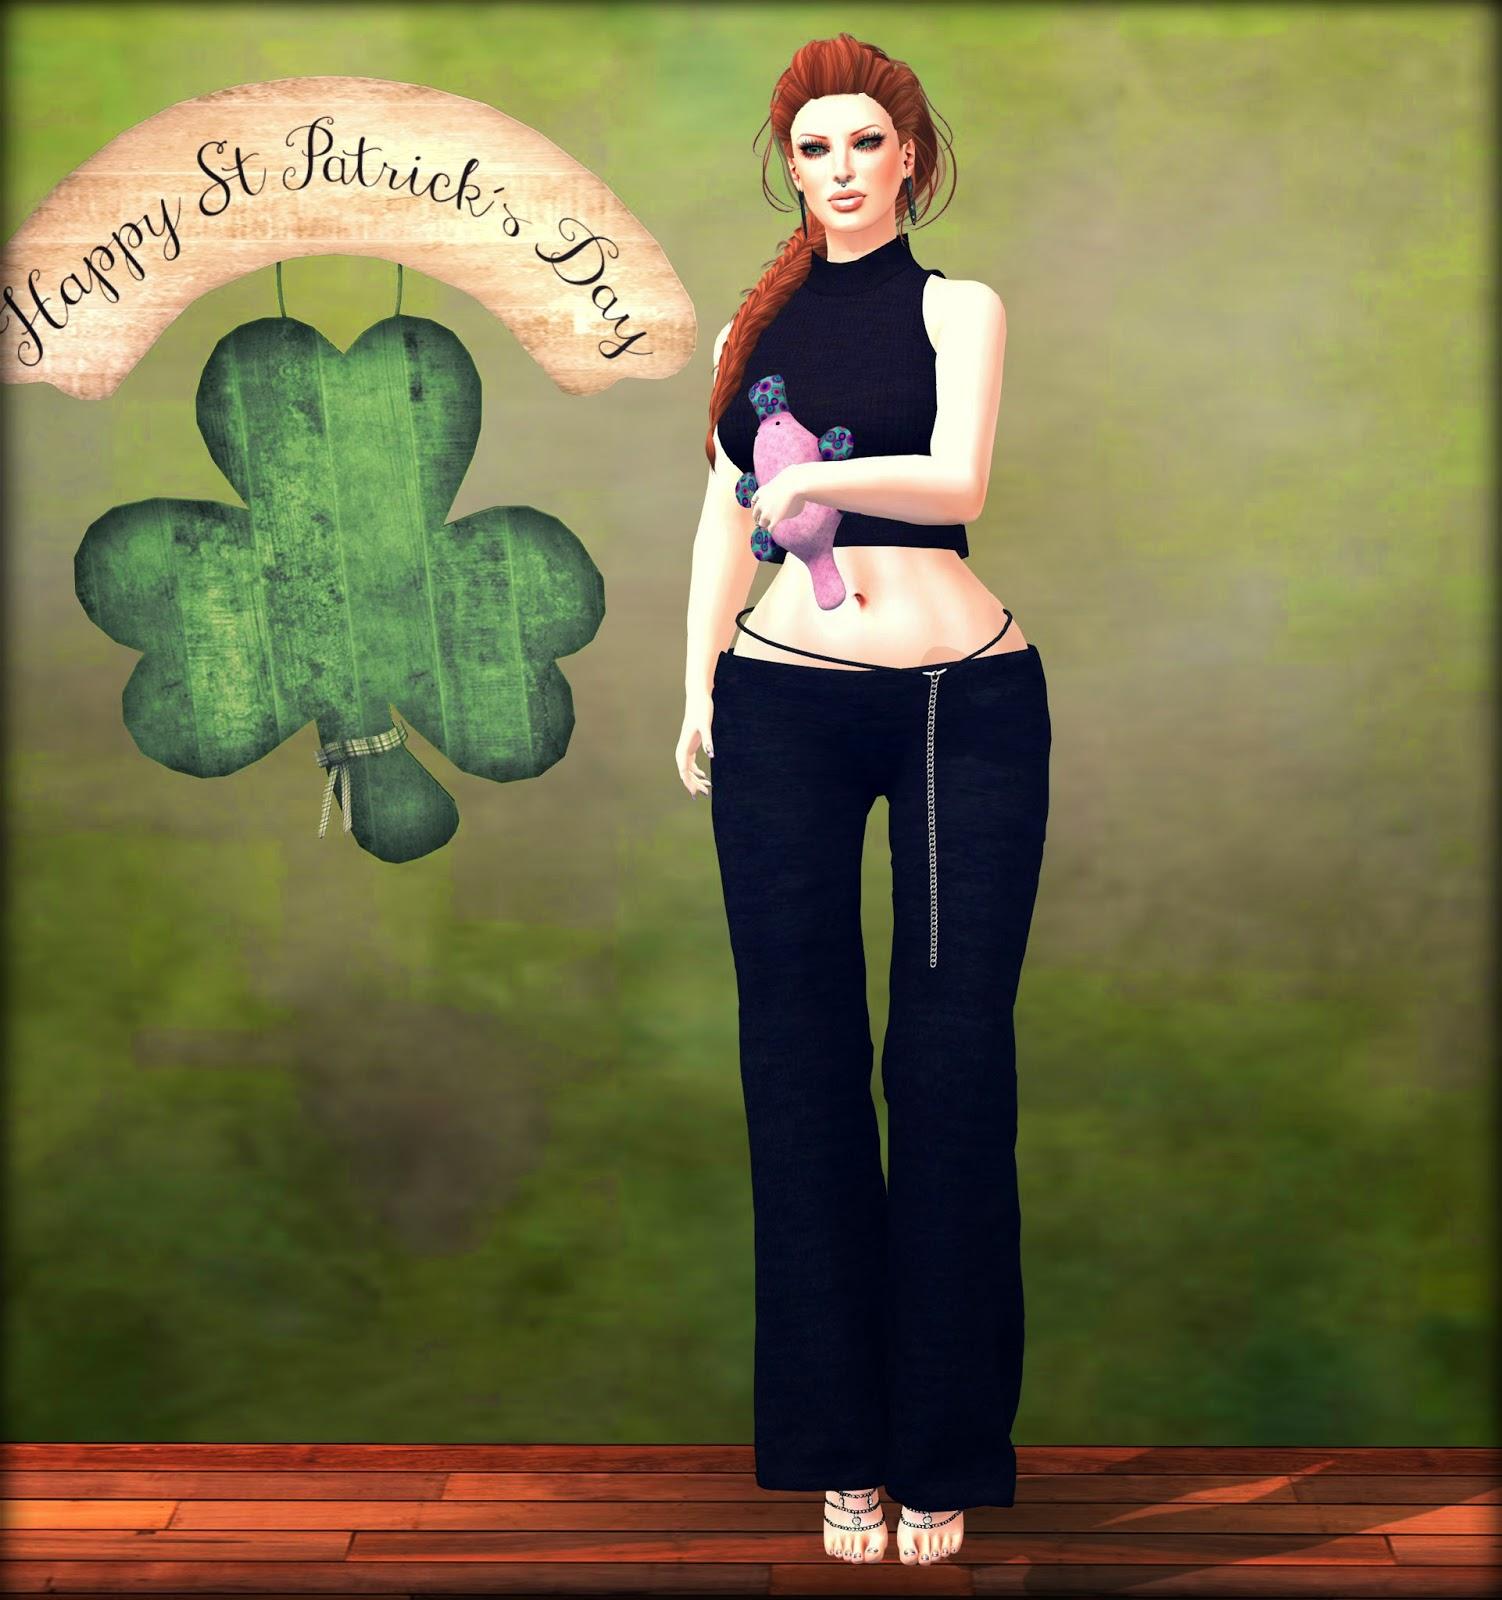 lucky eyelure,luck of the irish 2015